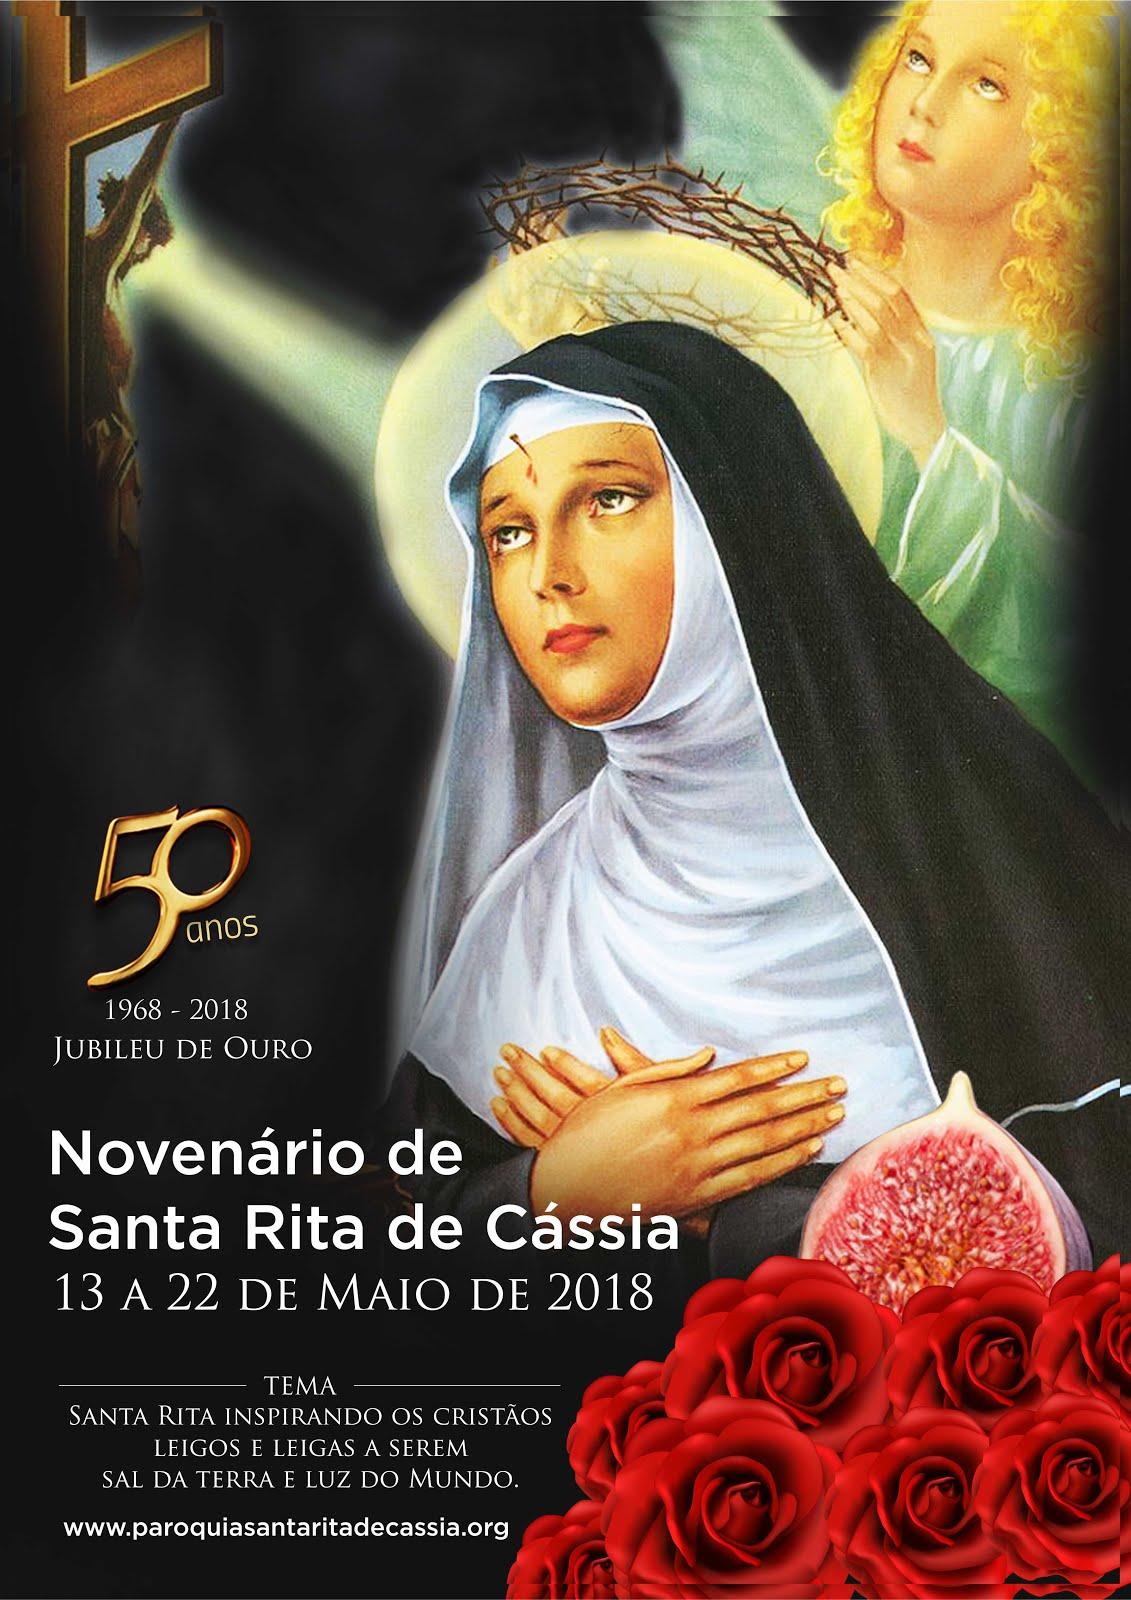 Novenário de Santa Rita de Cássia - Itabuna -Bahia